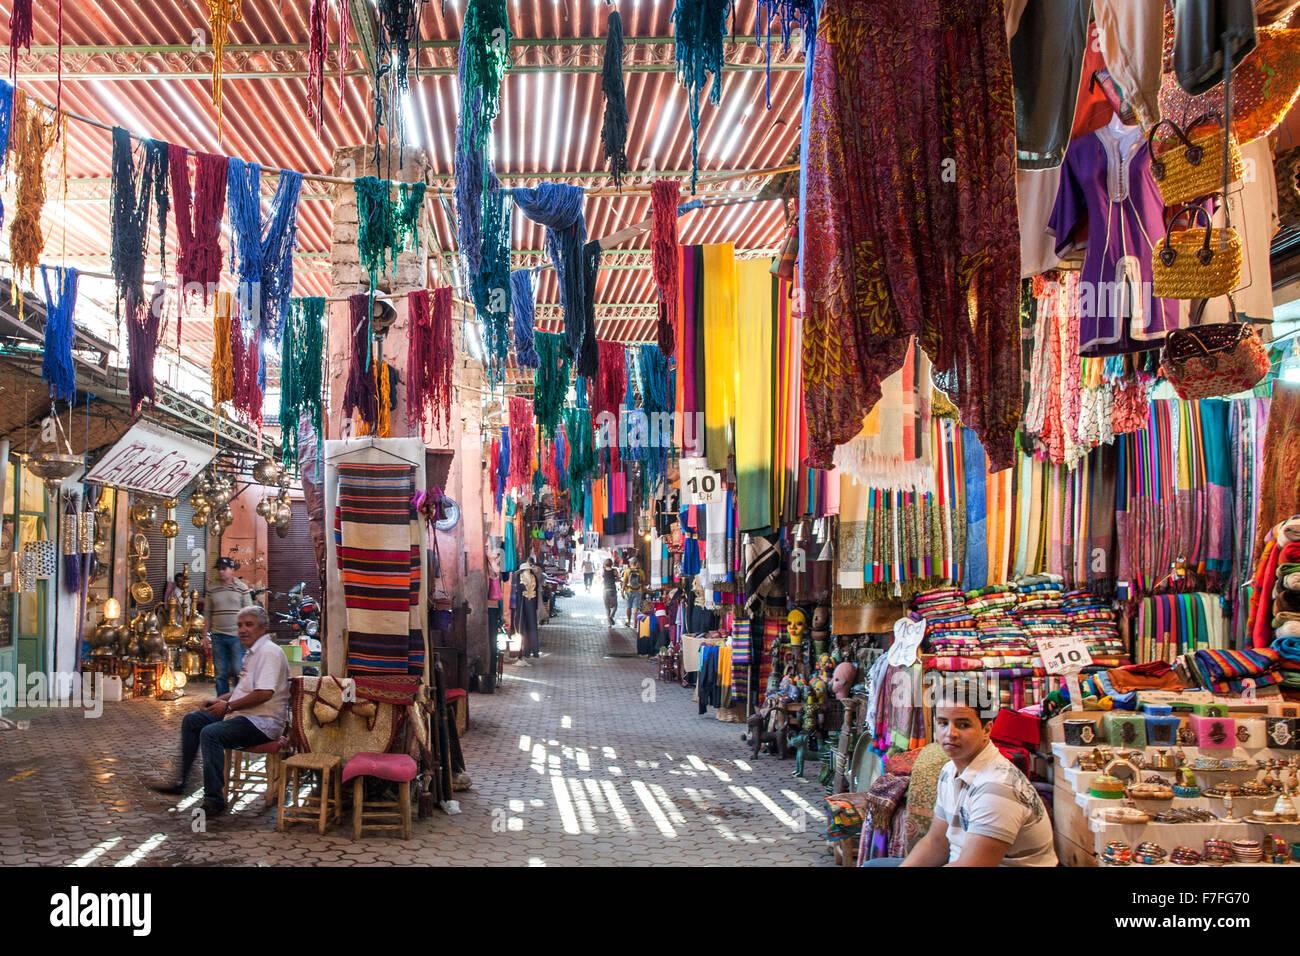 Il souk di Marrakech, Marocco. Immagini Stock